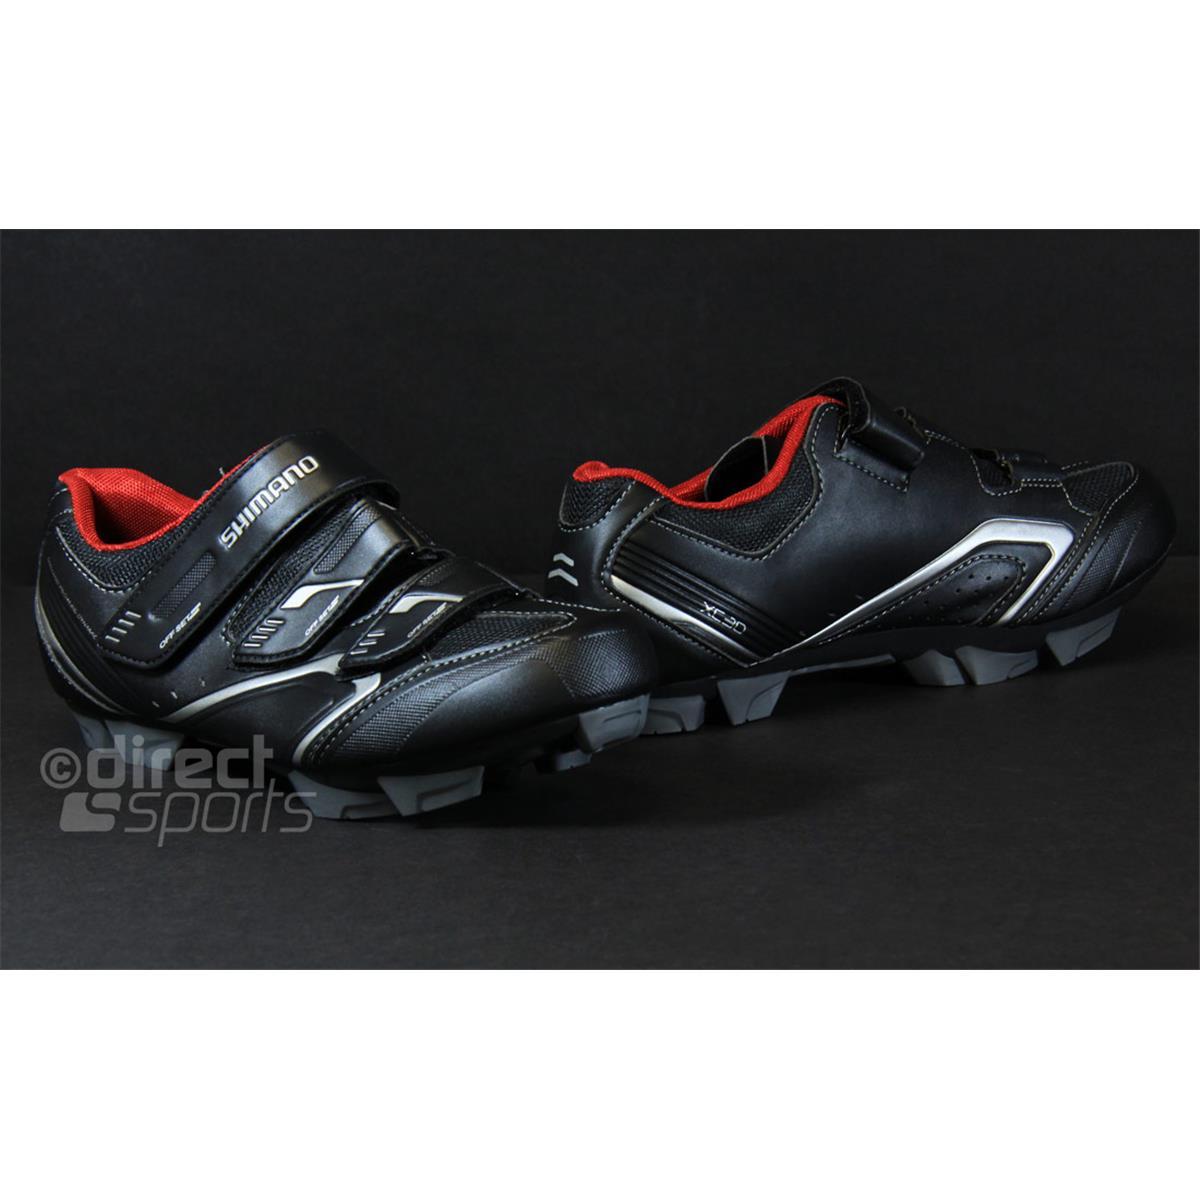 shimano xc30 spd mens shoes black directsportseshop co uk